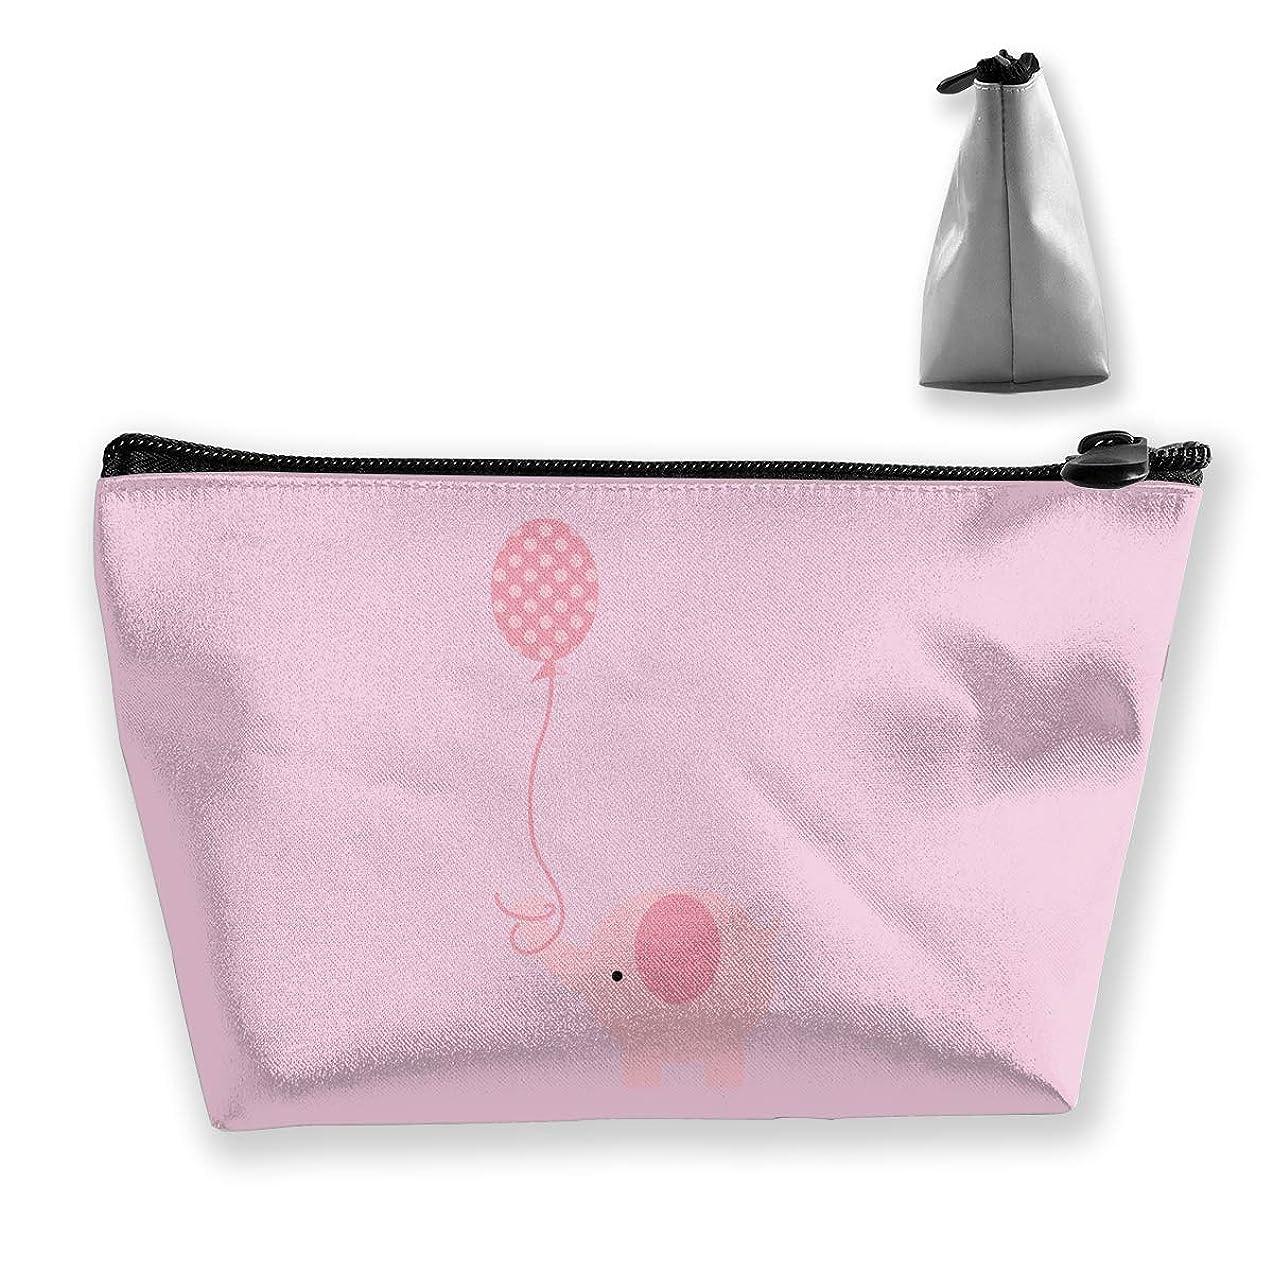 政権デッキ燃やすゾウの赤ちゃん ペンケース文房具バッグ大容量ペンケース化粧品袋収納袋男の子と女の子多機能浴室シャワーバッグ旅行ポータブルストレージバッグ